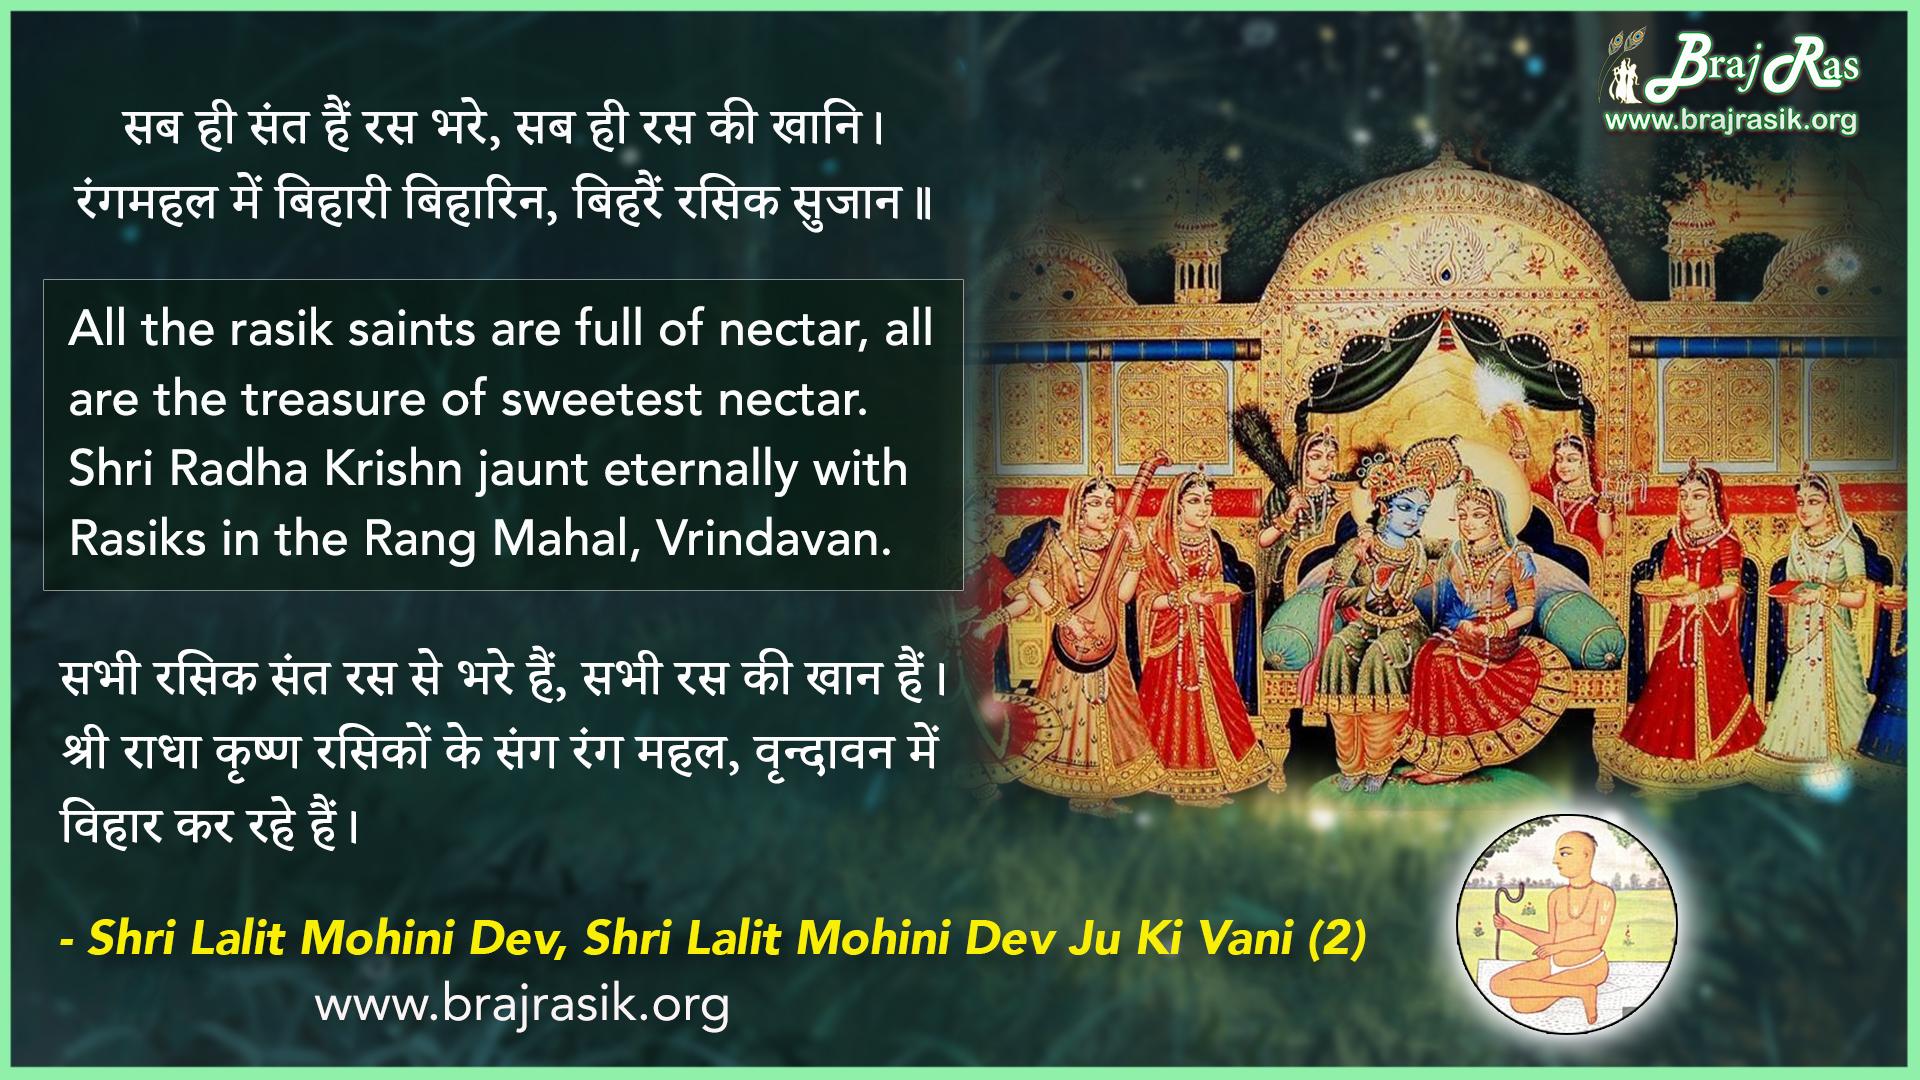 Sab Hi Sant Hain Ras Bhare - Shri Lalit Mohini Dev, Shri Lalit Mohini Dev Ju Ki Vani (2)